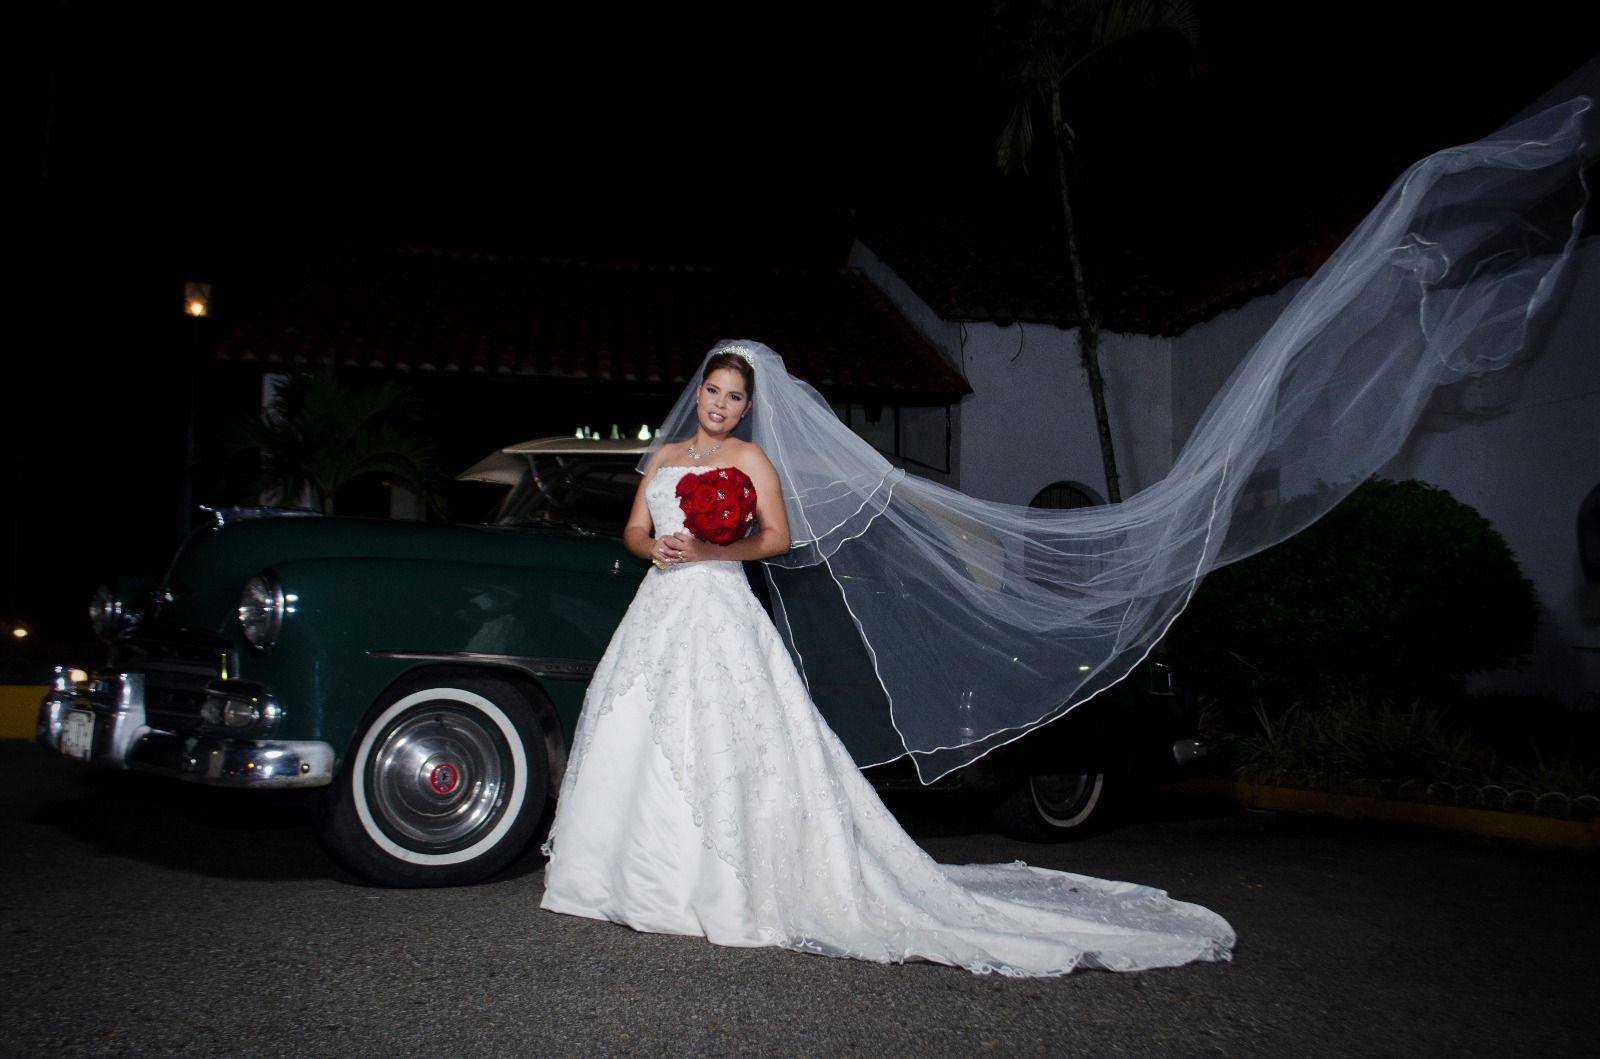 #velodenovia #veloslargos #velocatedral #wedding #weddingday